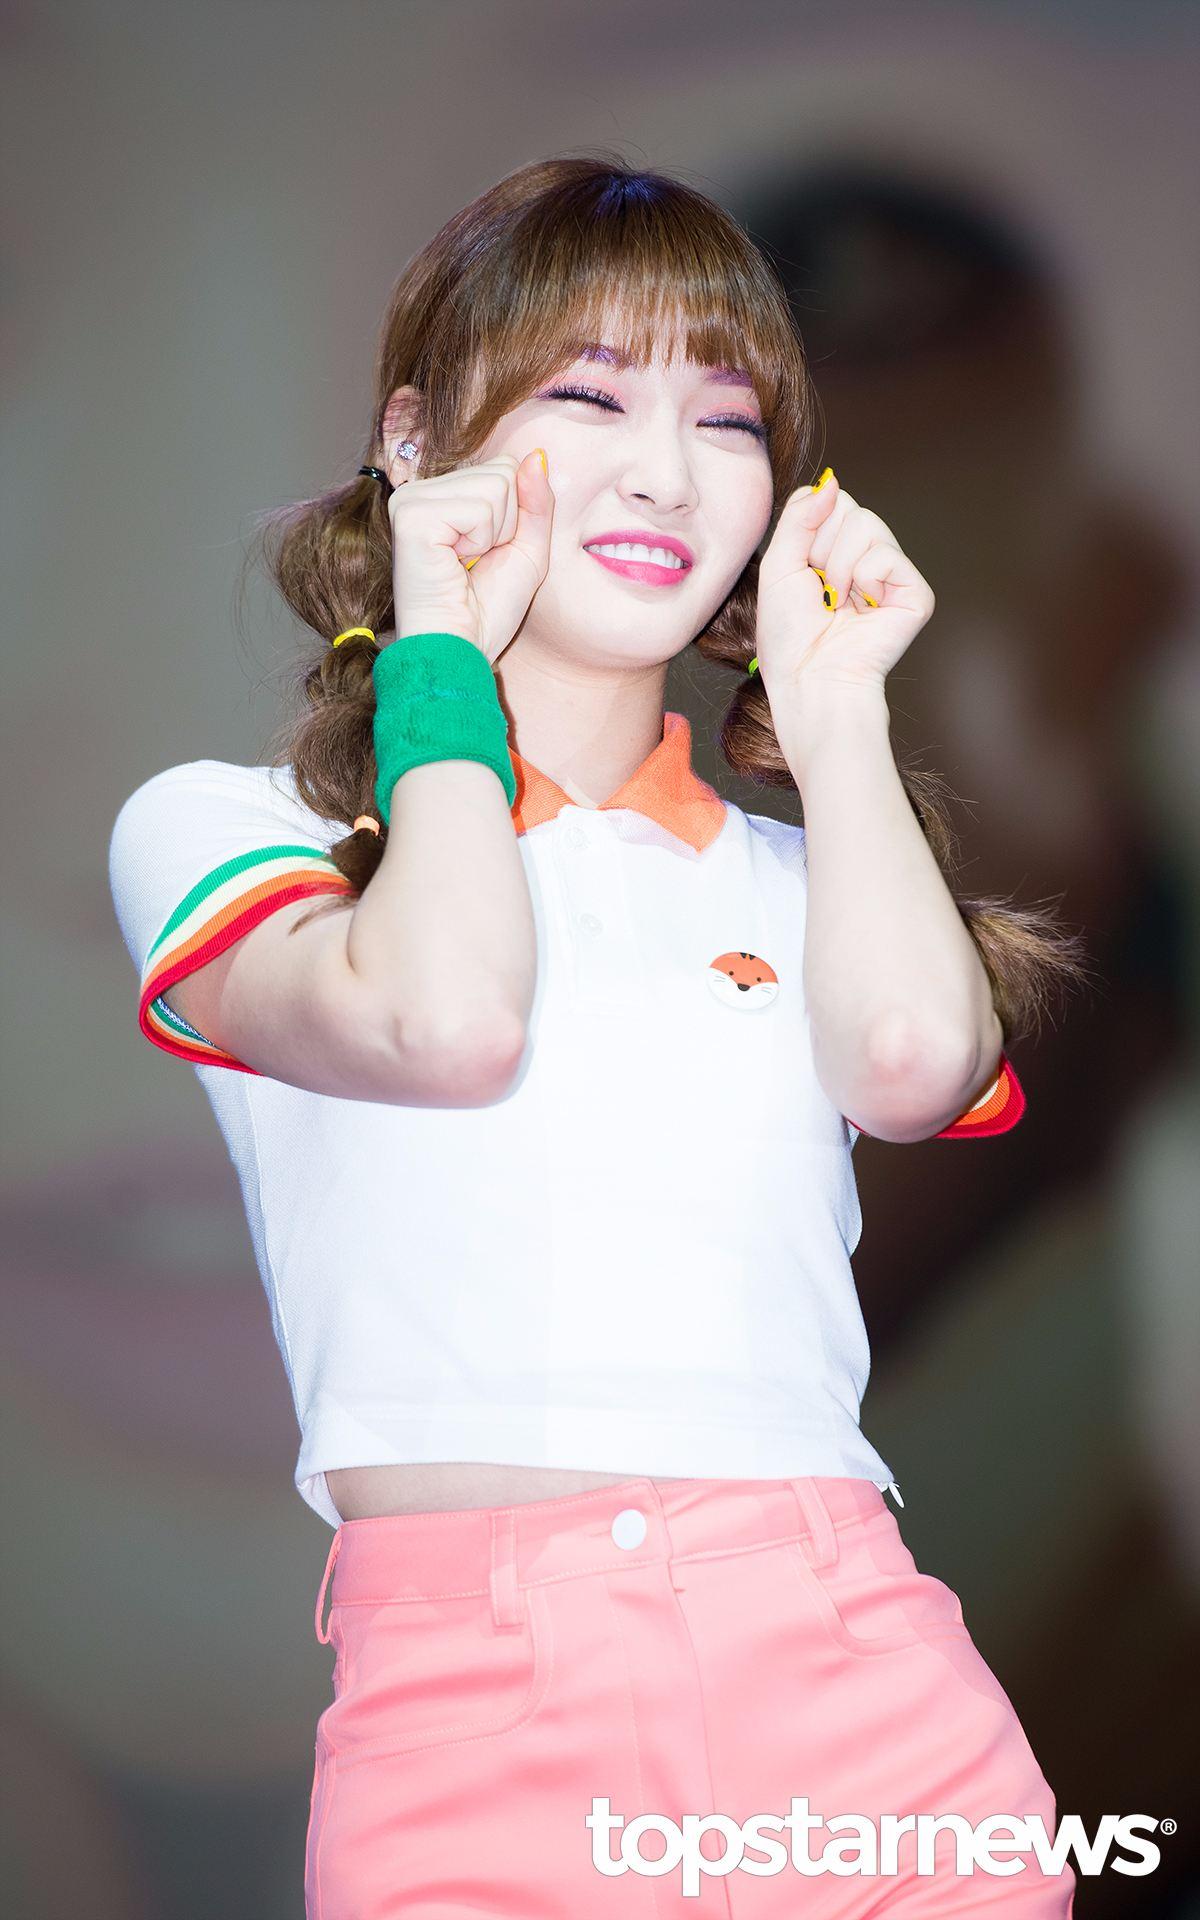 #請夏 只有成員請夏以後的活動,韓國網友目前還沒有做出猜測。 大家如果有知道請夏以後的活動,可以留言分享出來。